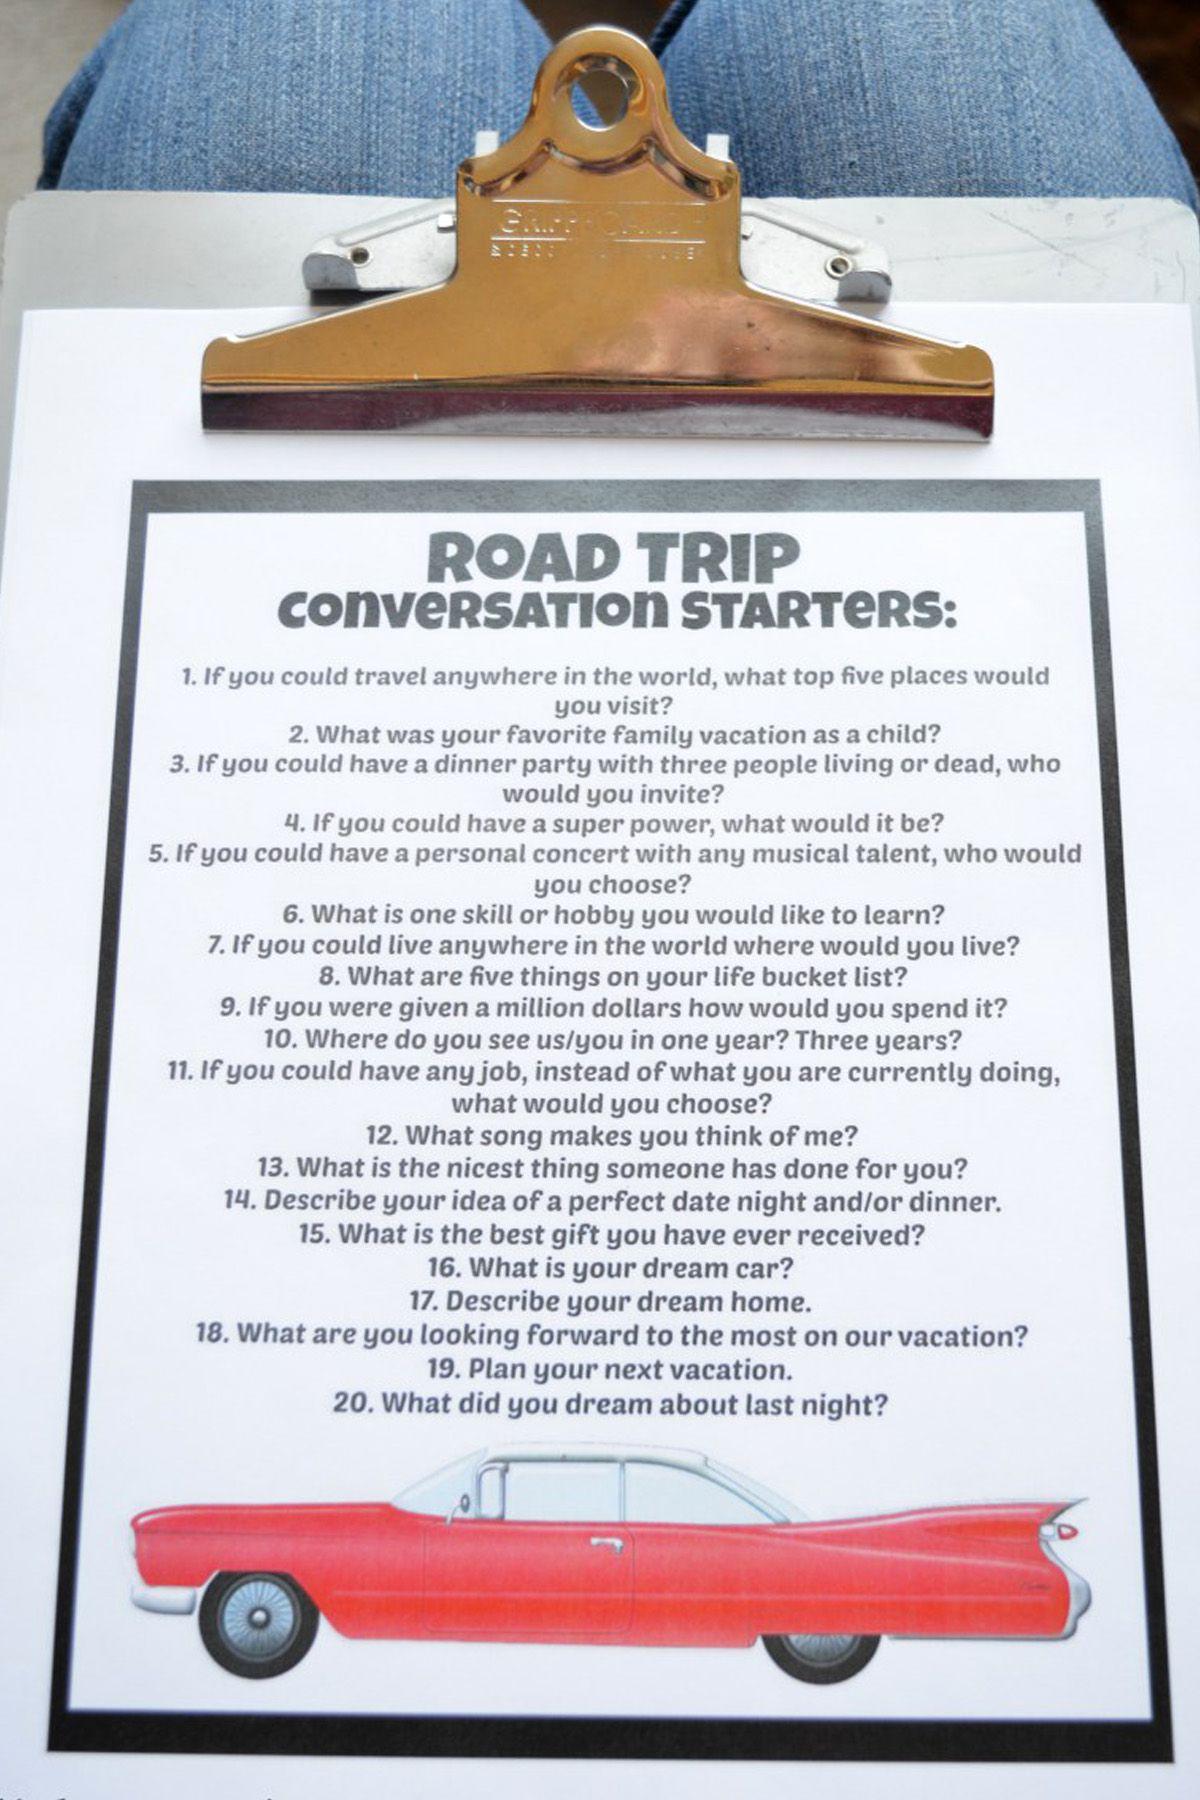 Trò chơi gia đình cho những chuyến đi xa (Ảnh: via GoodHousekeeping)